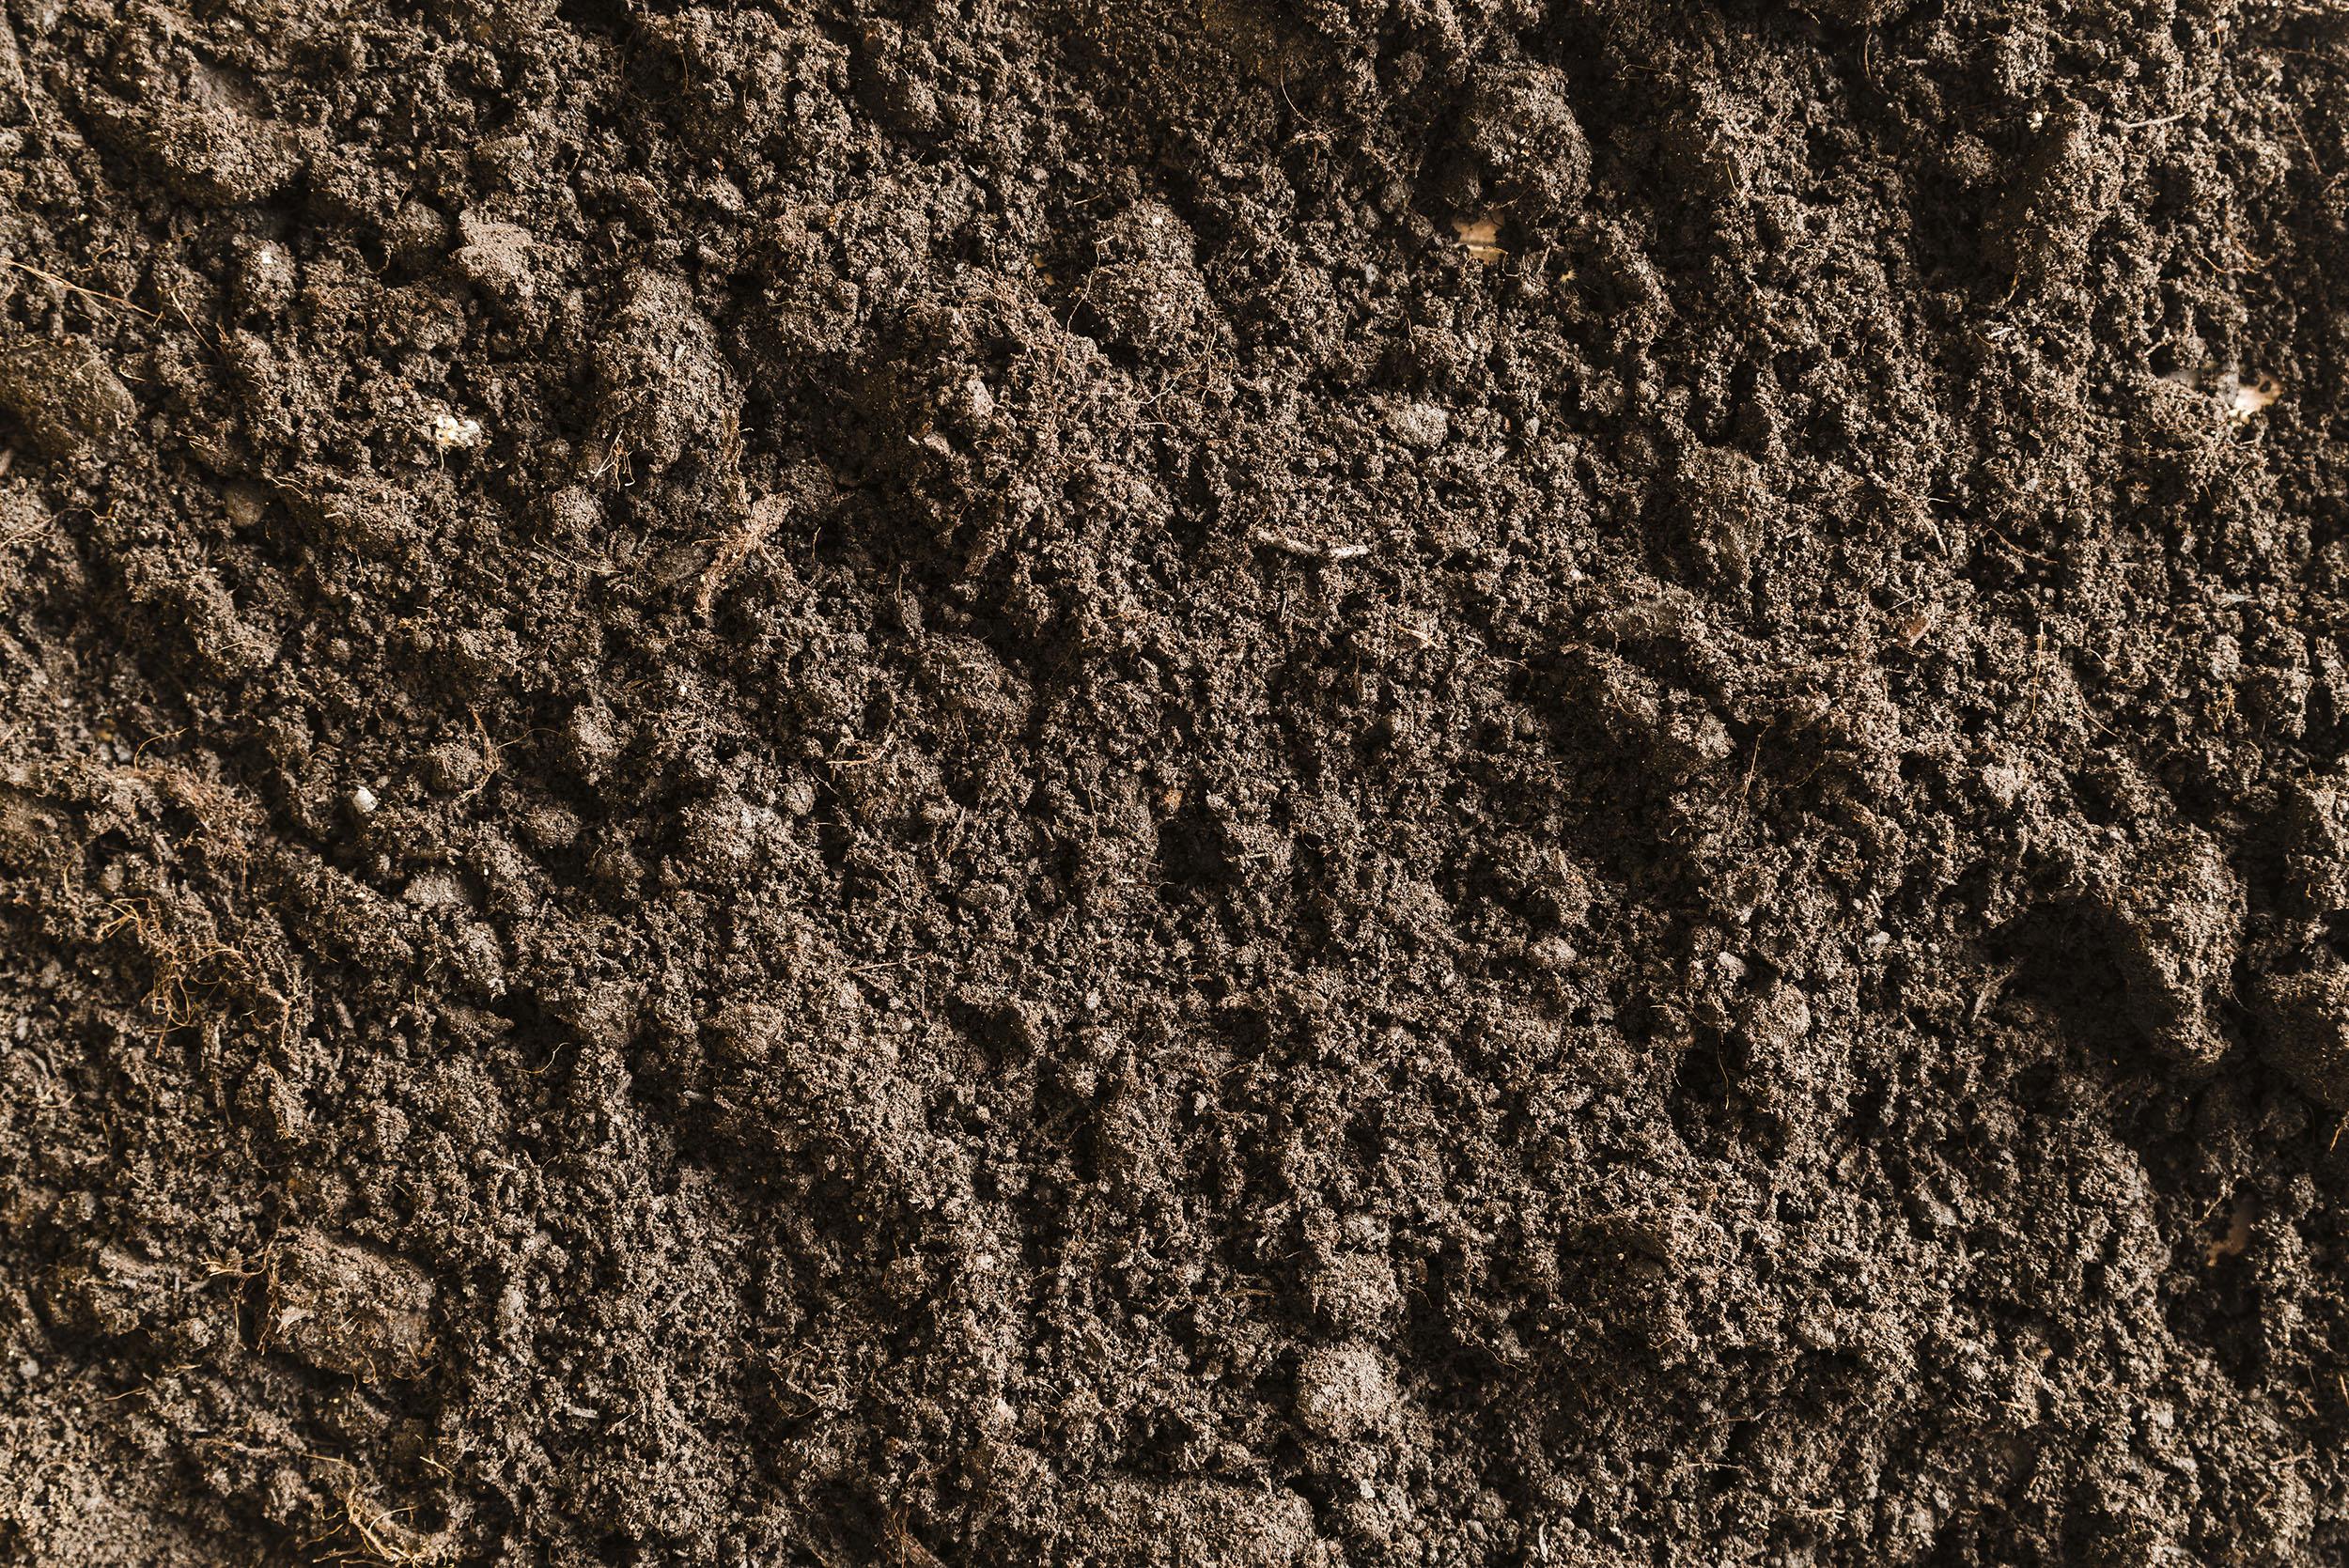 Фотография коричневой разрыхленной почвы с камнями.